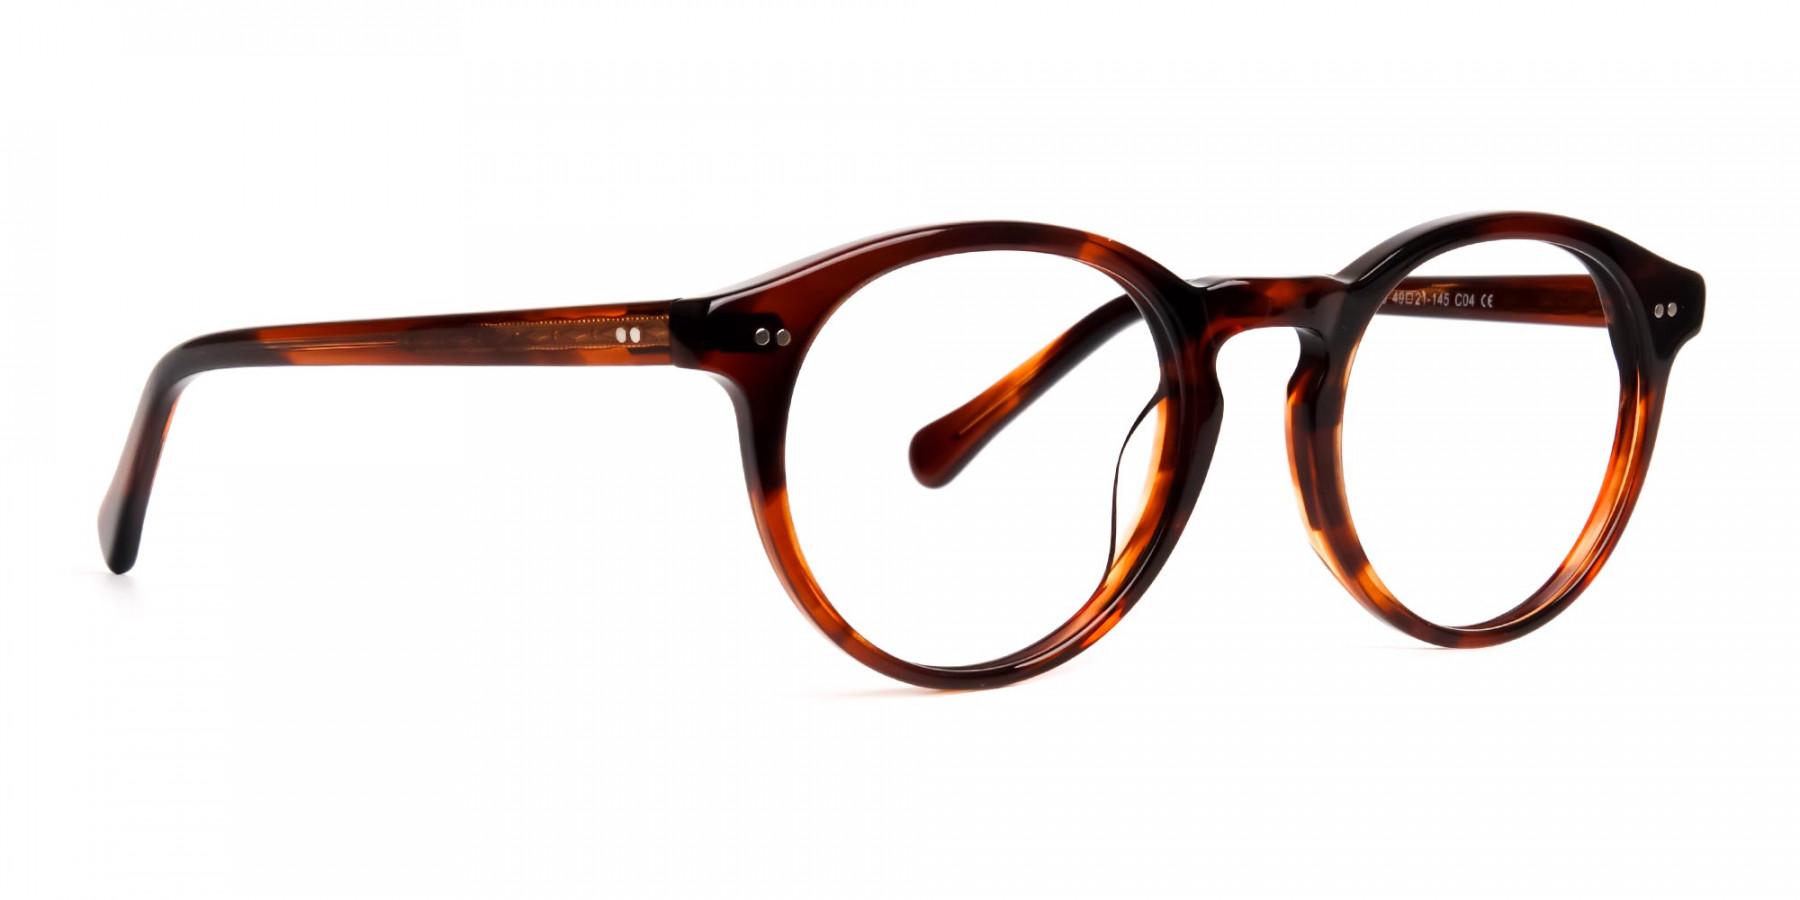 dark-marble-brown-full-rim- Tortoiseshell glasses-frames-1